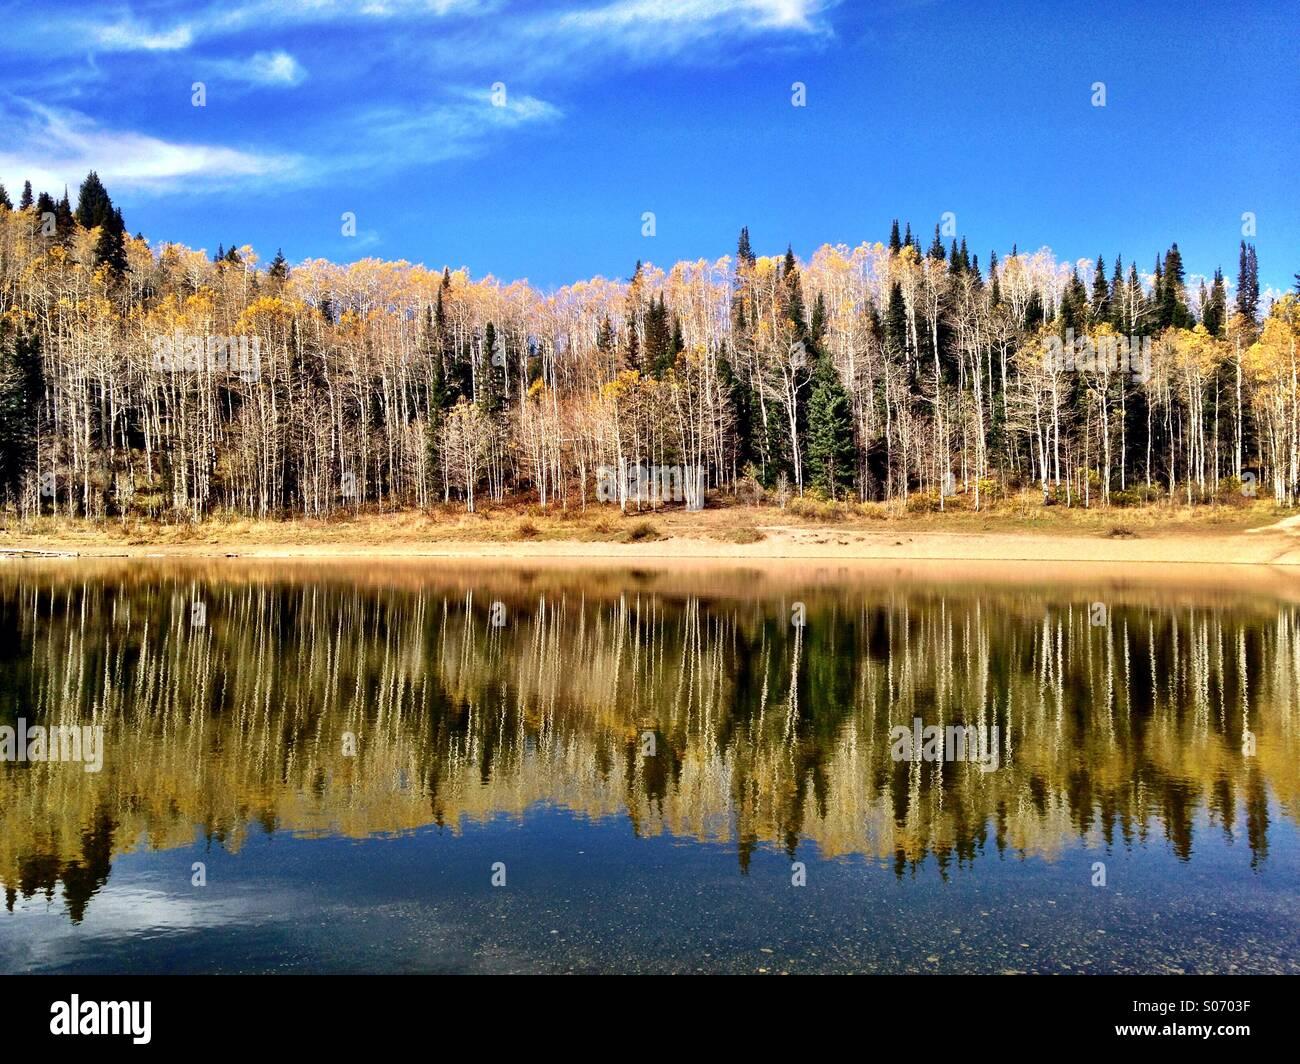 Herbst-Reflexionen an Dog Lake in den Wasatch Mountains von Salt Lake City, UT. Stockbild